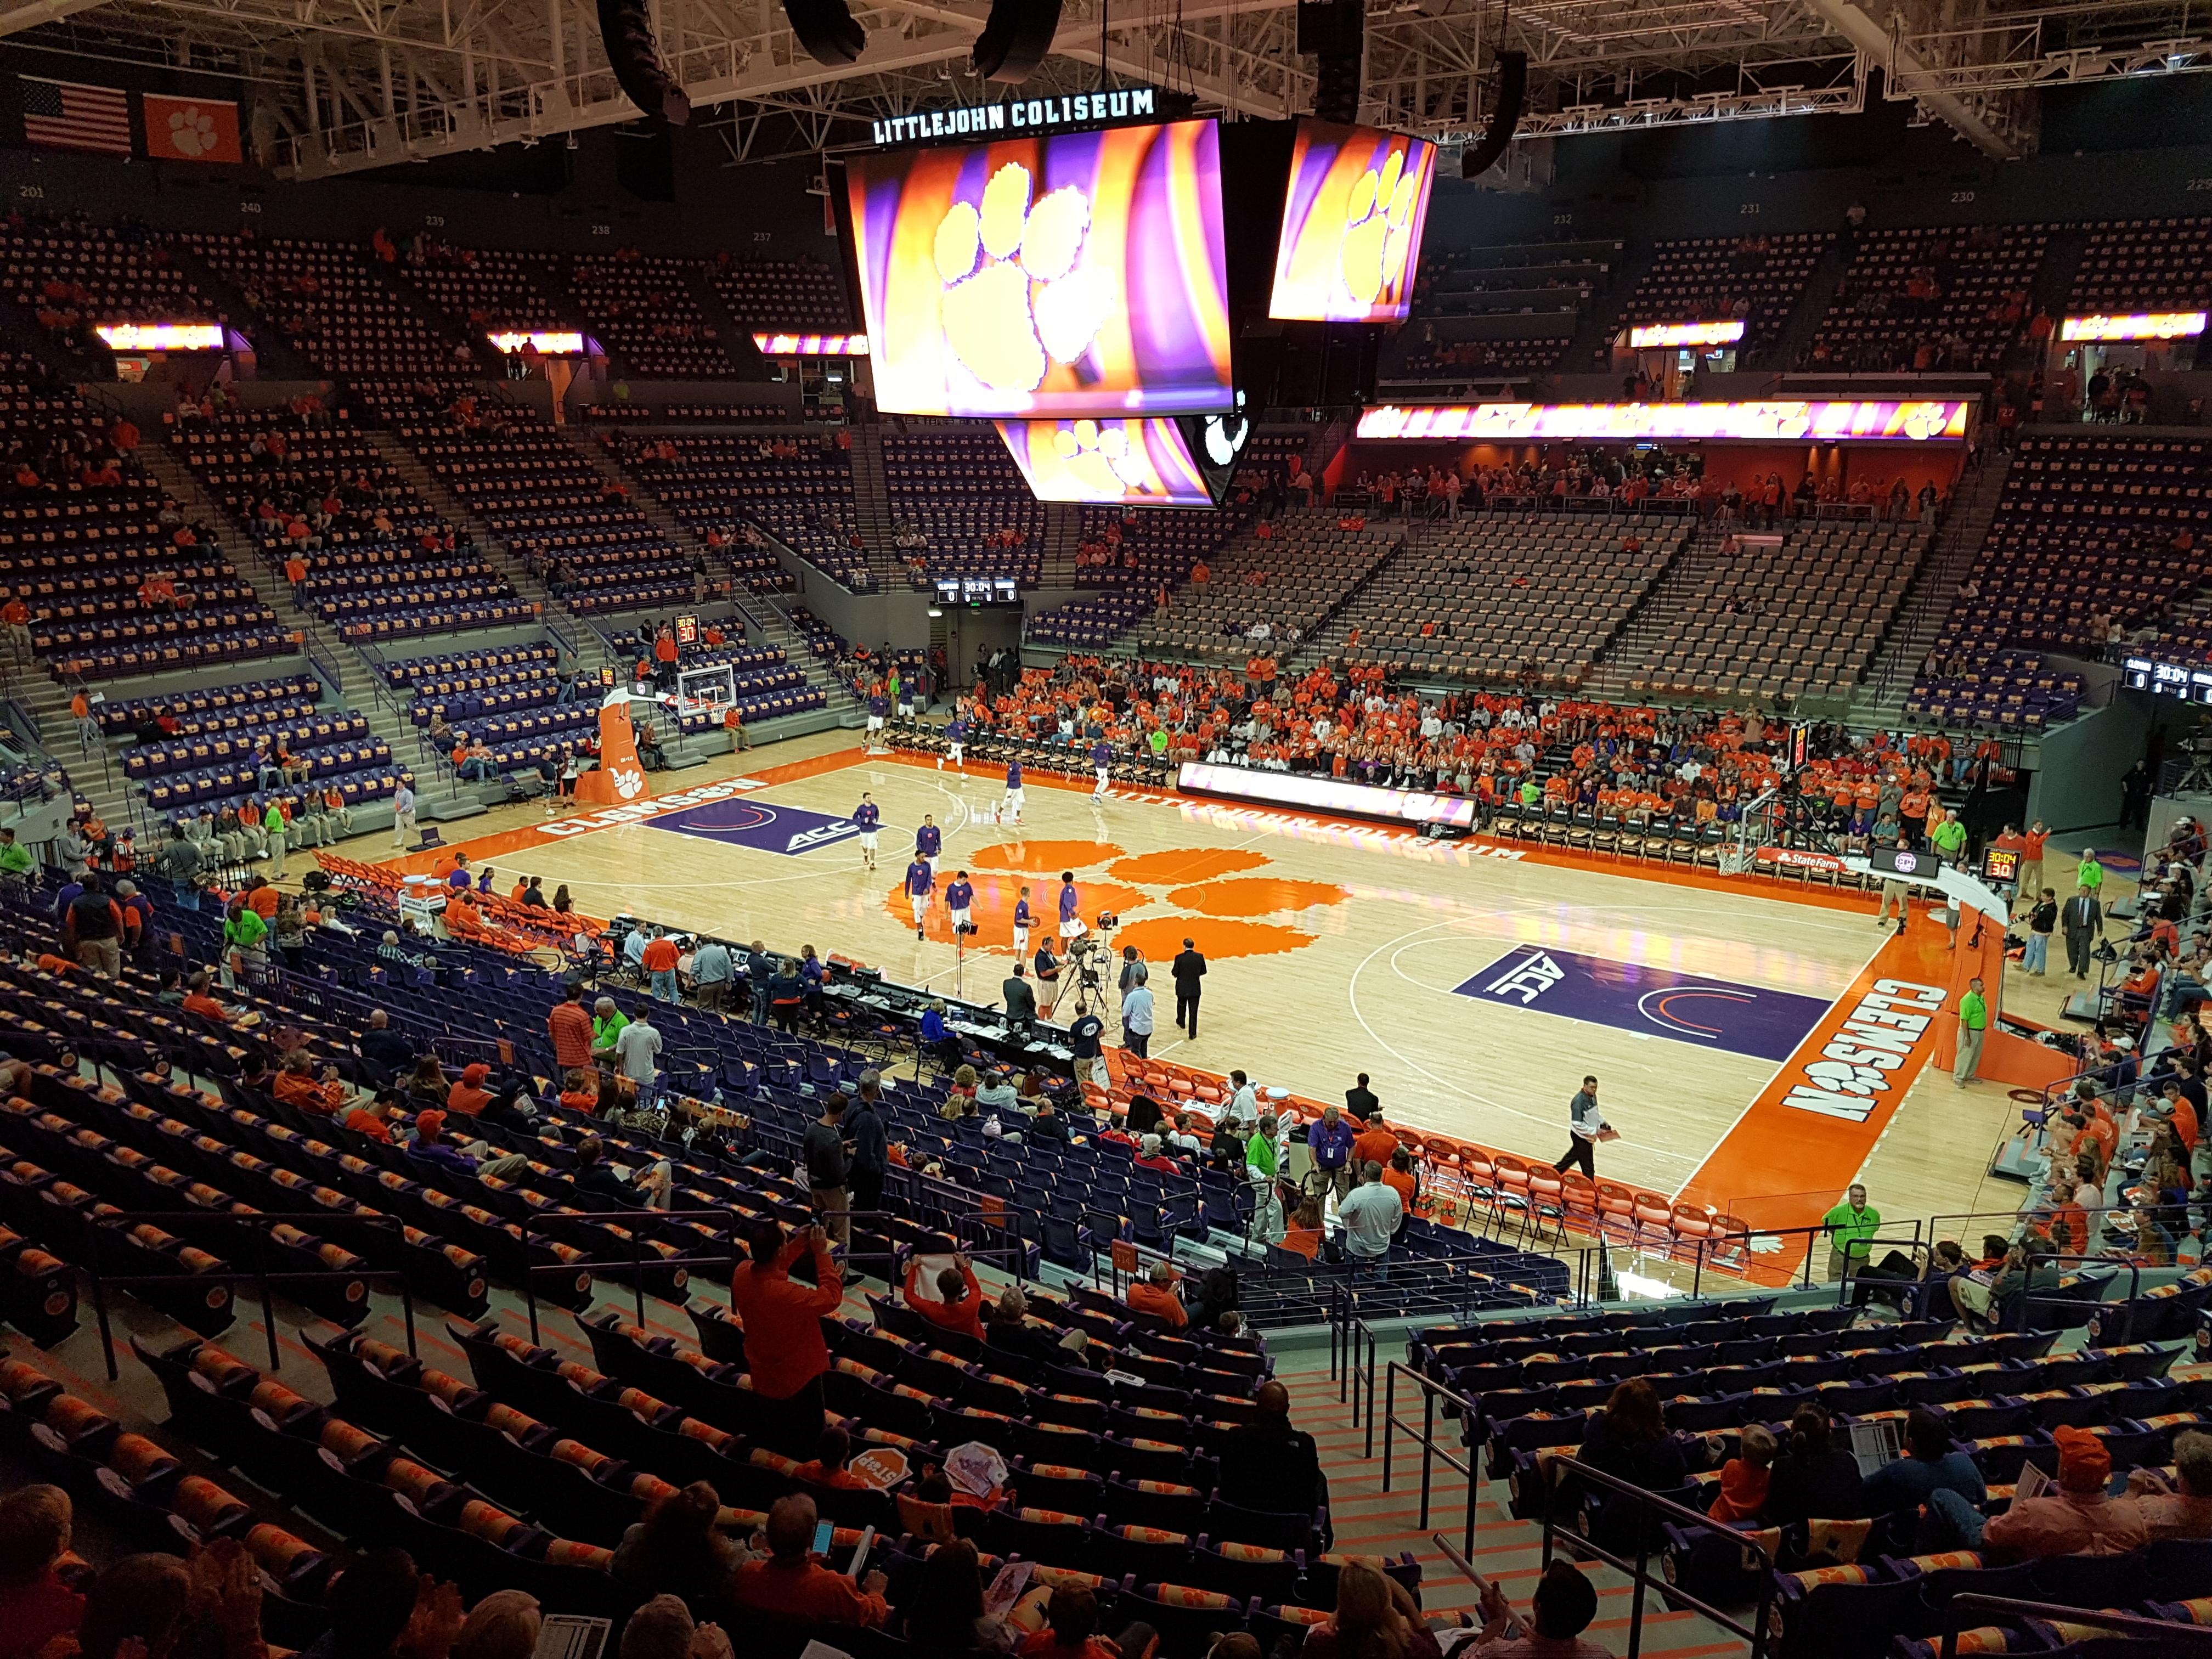 Littlejohn Coliseum Wikipedia